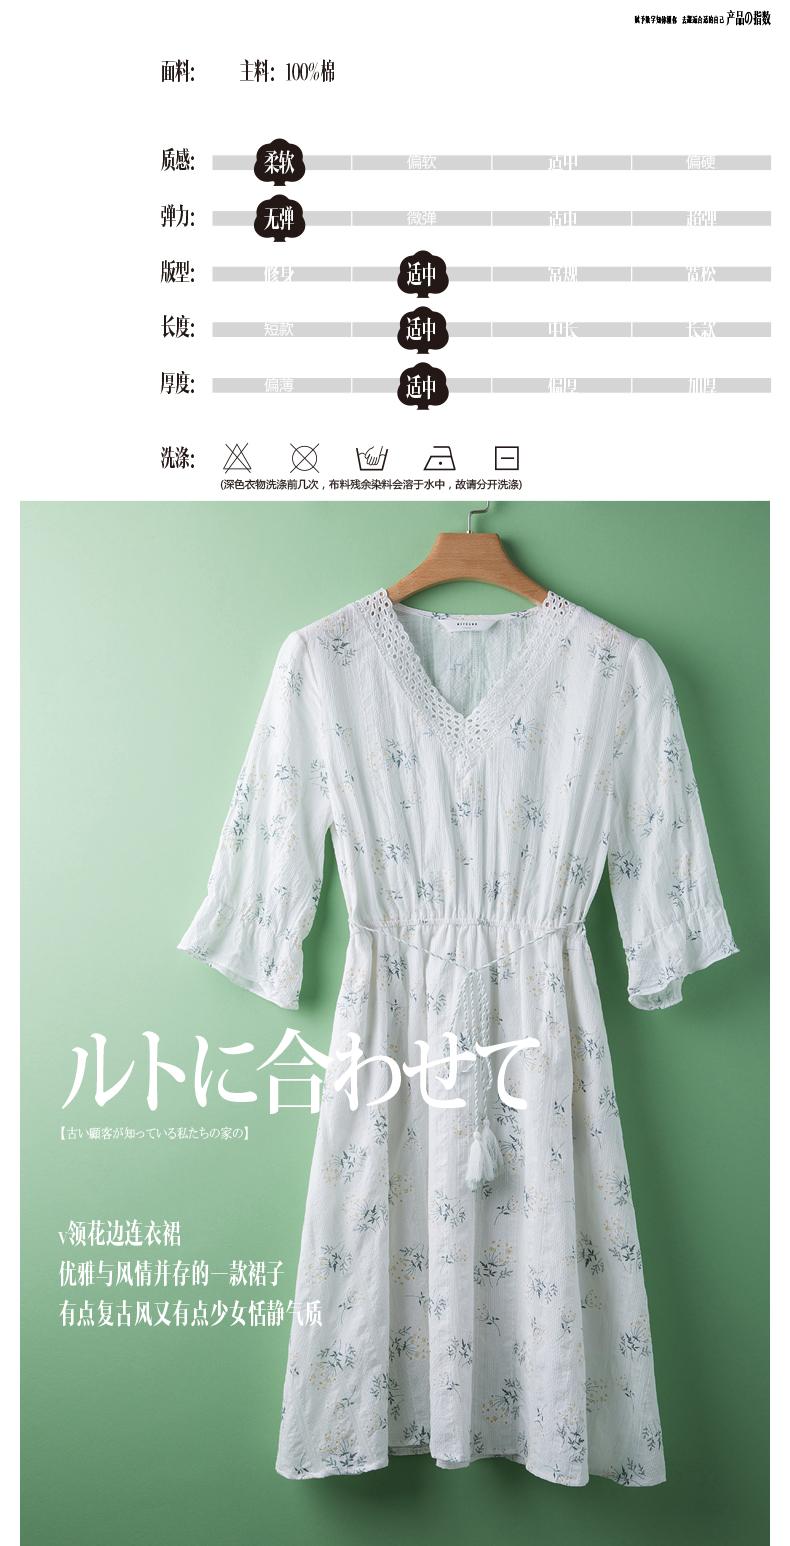 连衣裙女夏2018新款棉立方女装韩范少女裙子小清新碎花复古初恋裙